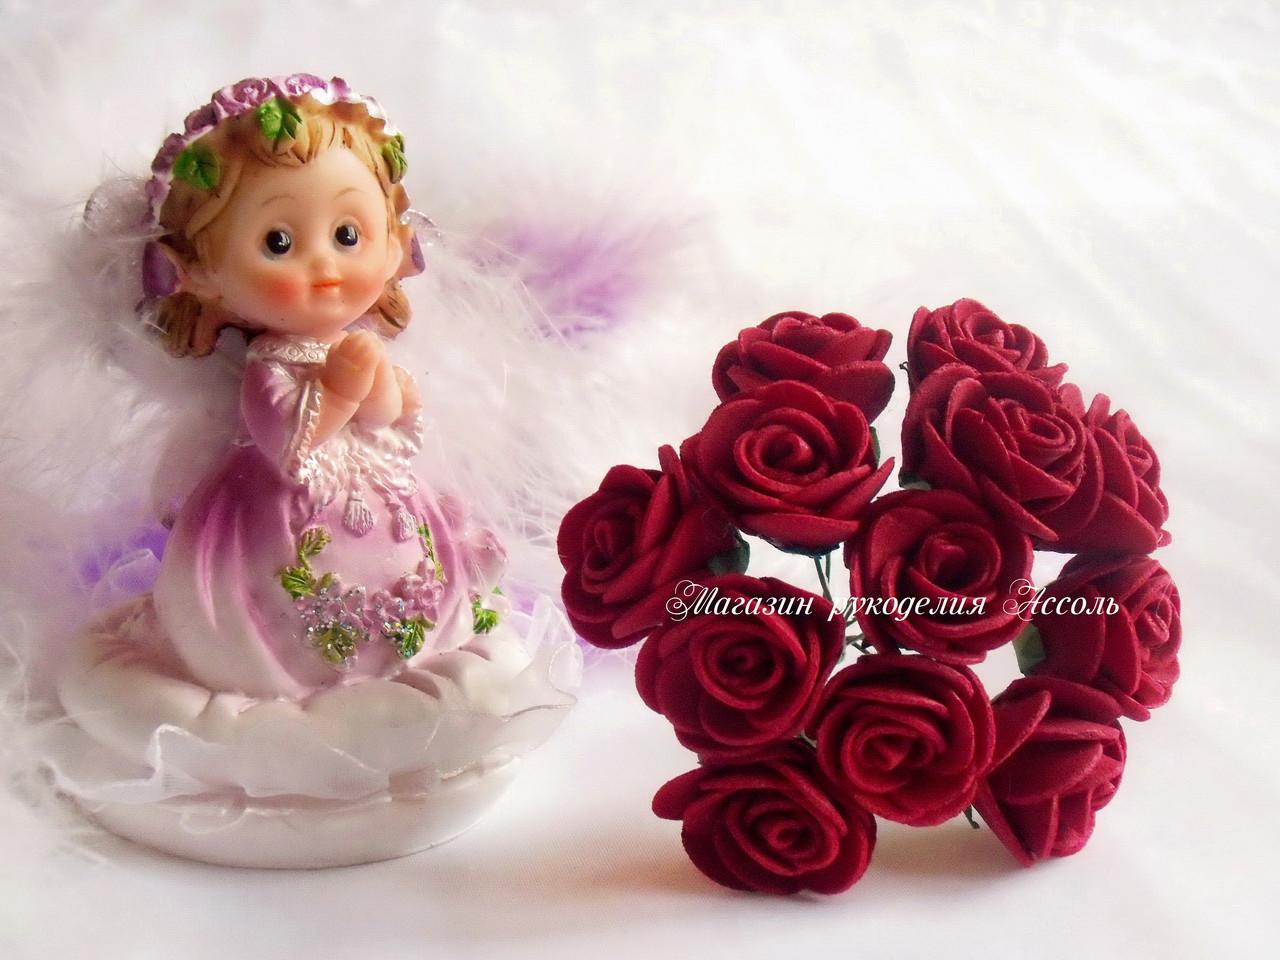 Розы из латекса 13 фотография